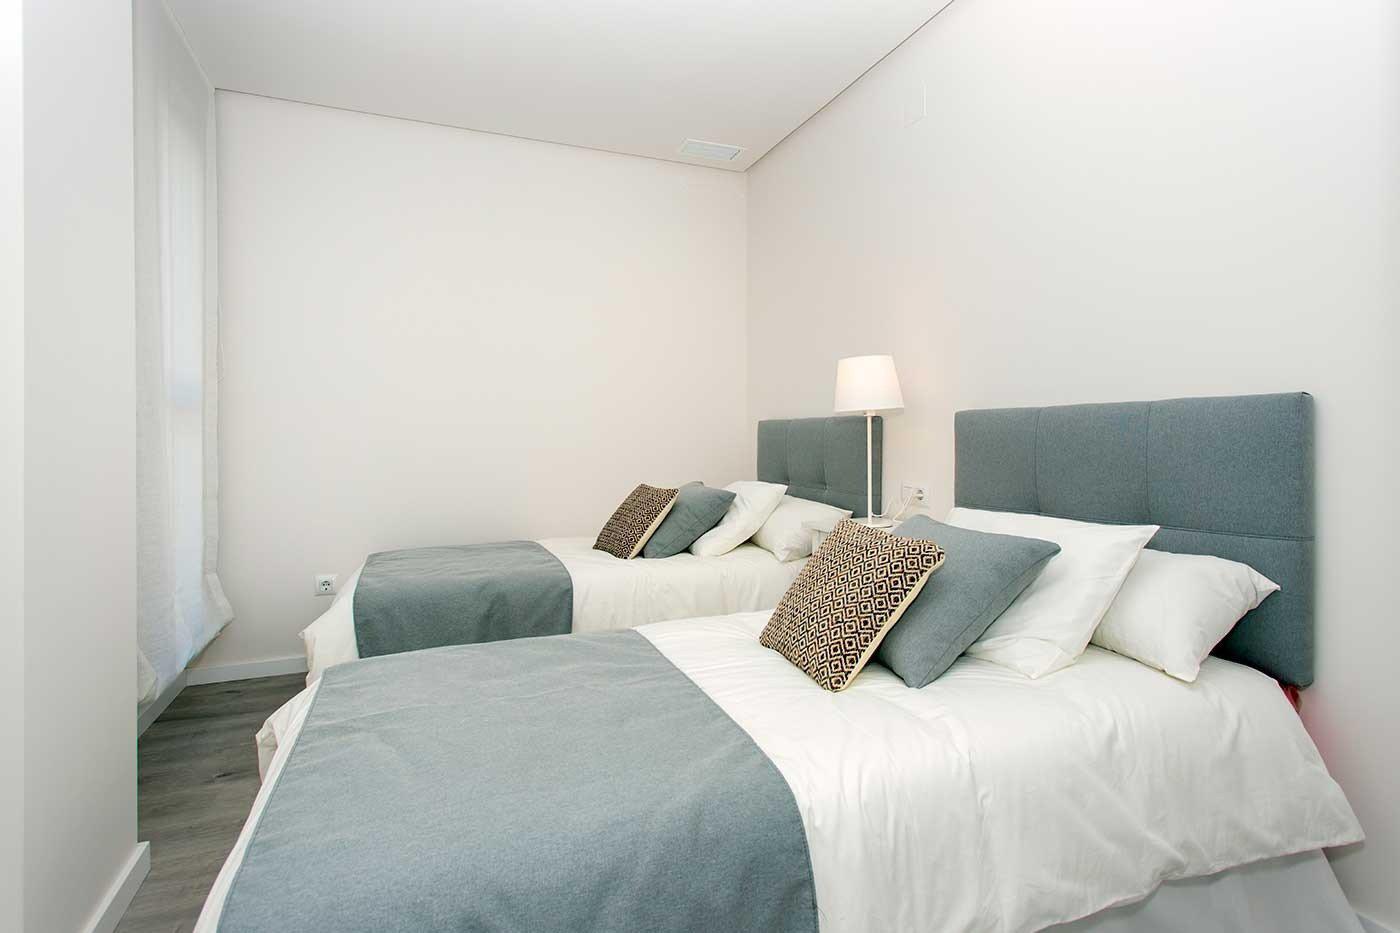 Complejo de estilo moderno con apartamentos de 2,3 dormitorios y 2 baños con amplias terra - imagenInmueble5